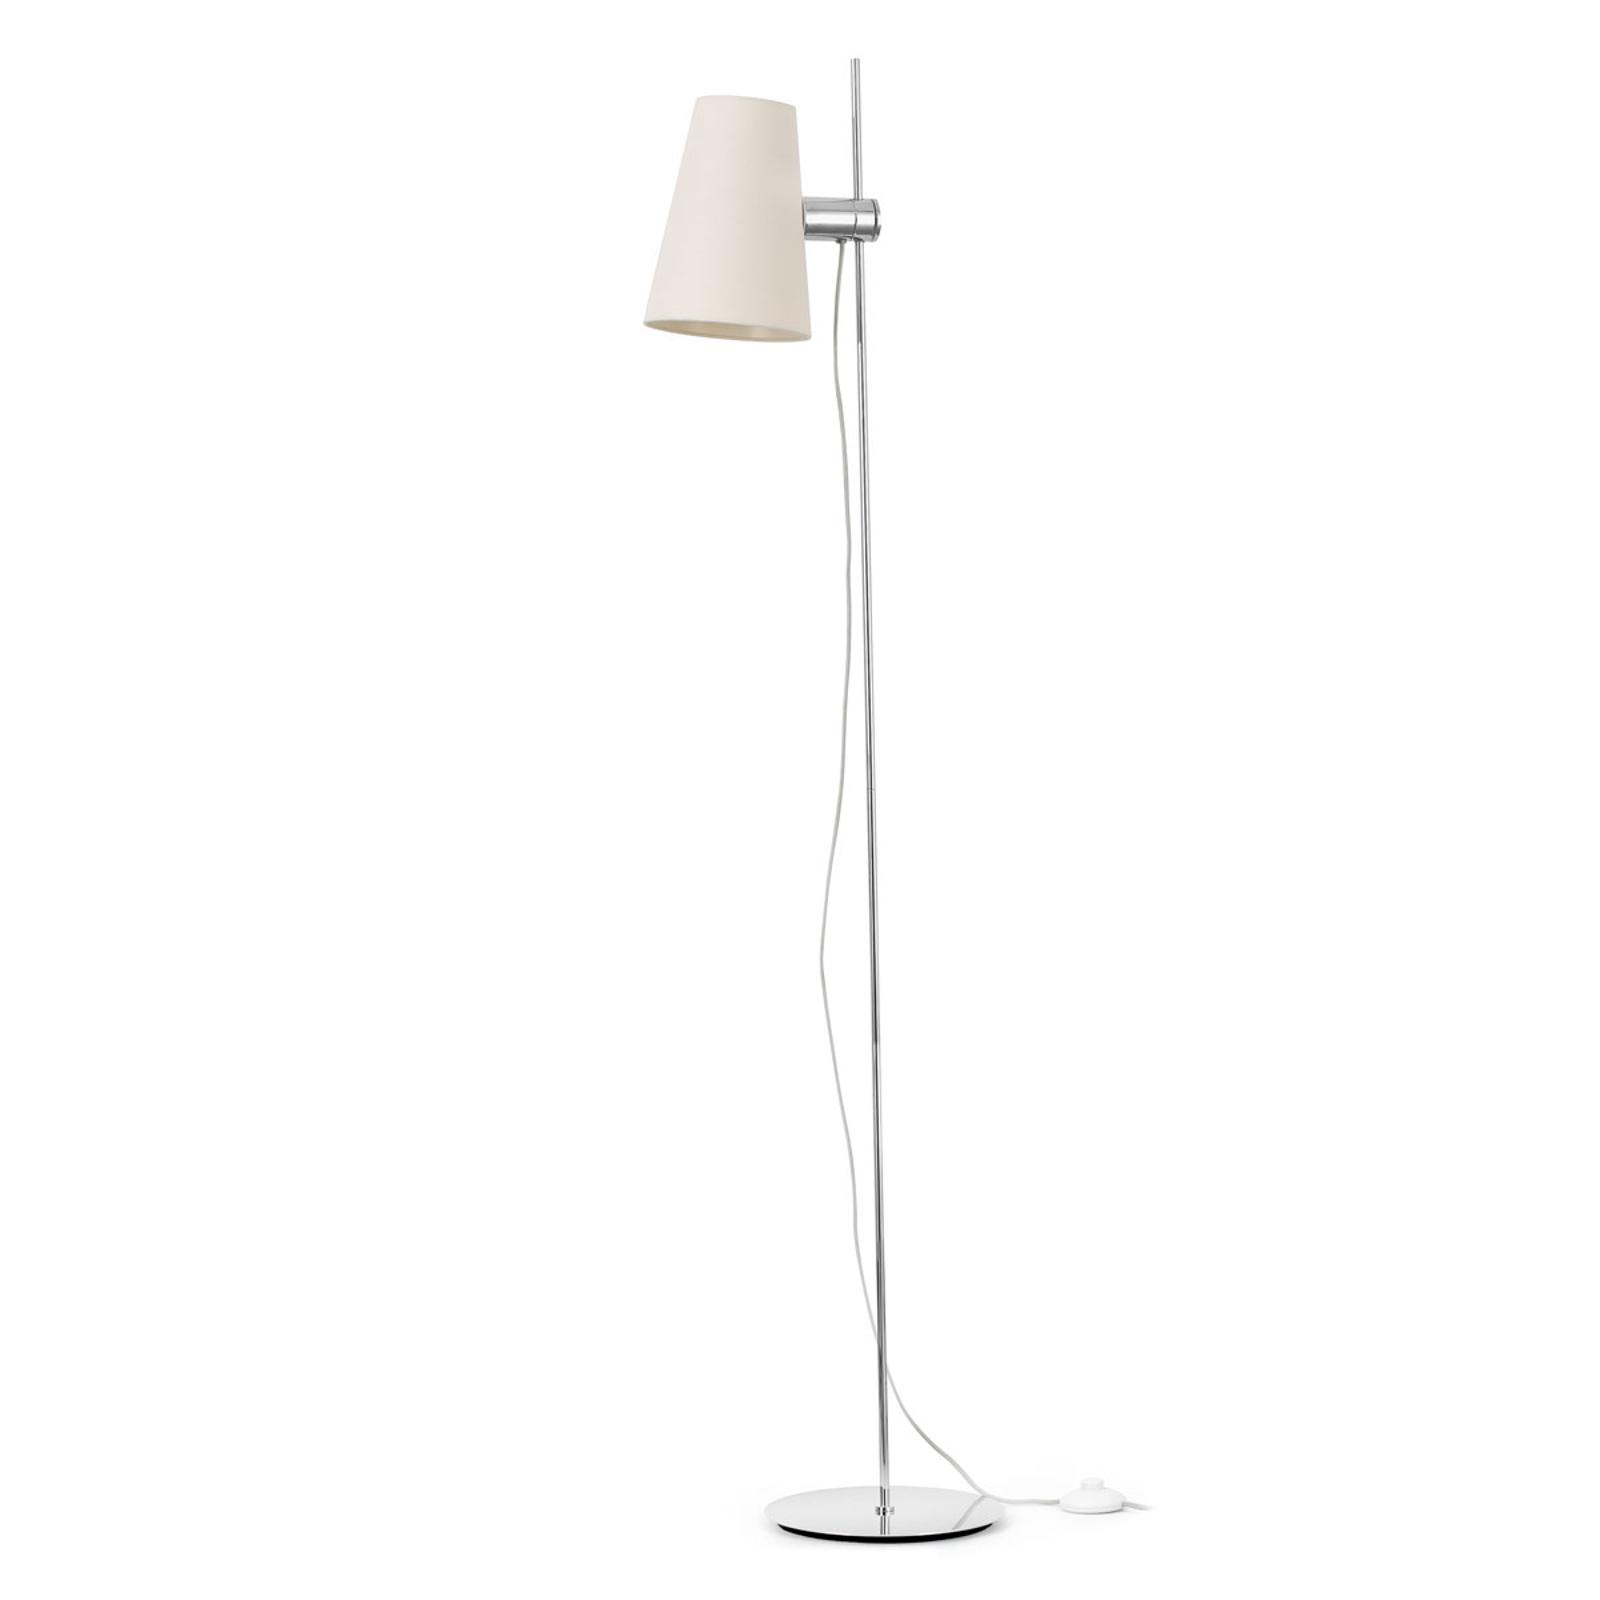 Vloerlamp Loep met verstelbare stoffen kap